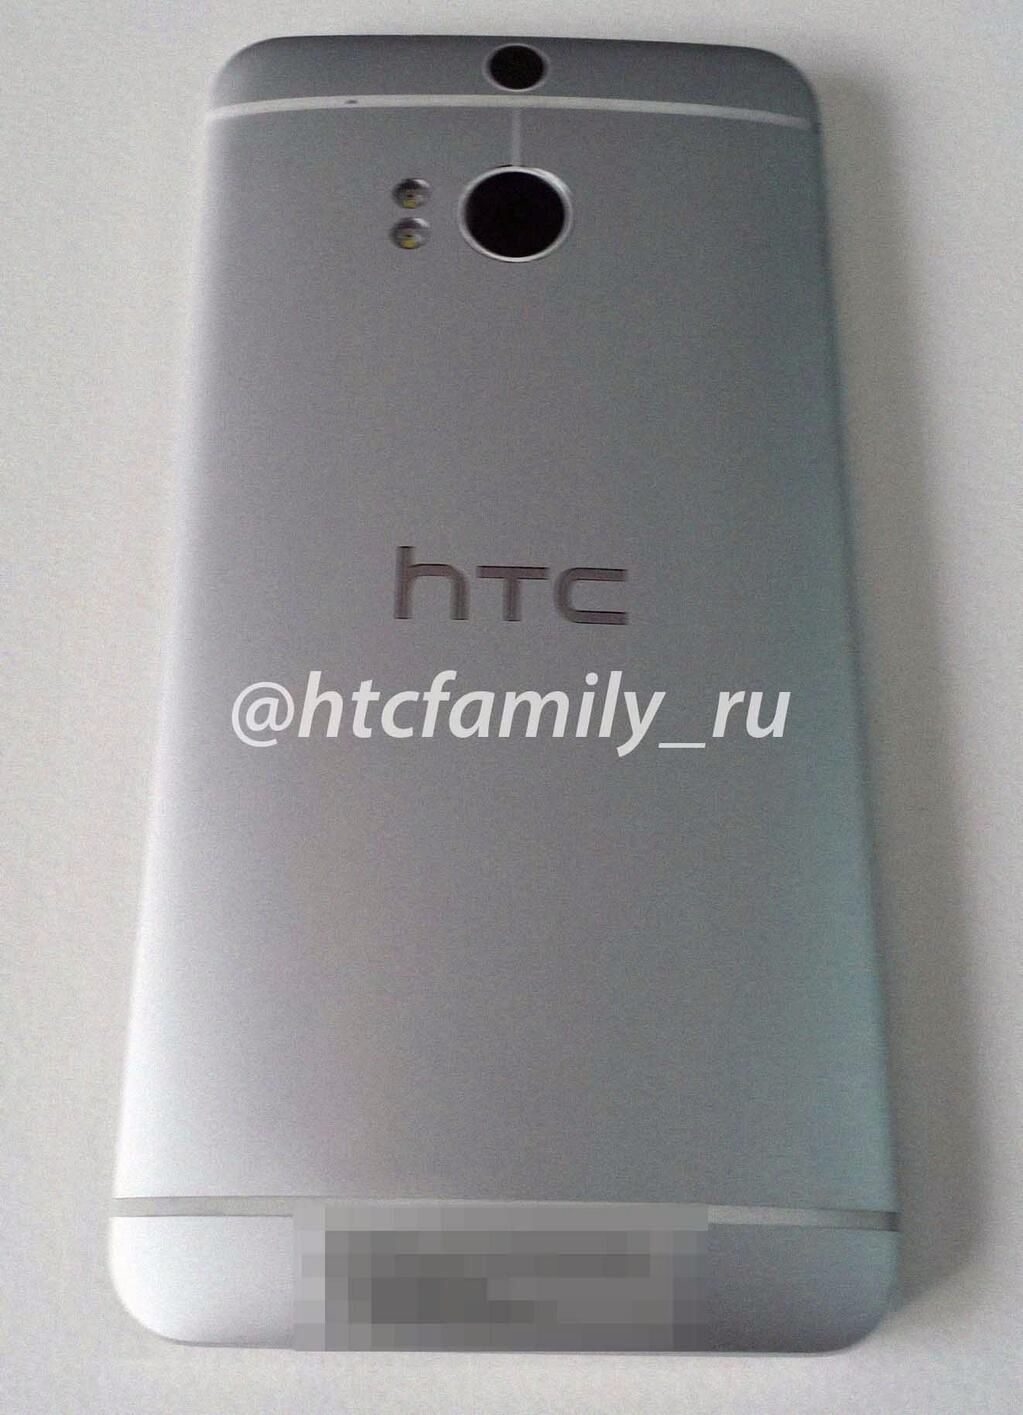 Bildet fra Twitter-brukeren @htcfamily_ru viser det som skal være en dobbel kameralinse på HTC M8.Foto: @htcfamily_ru